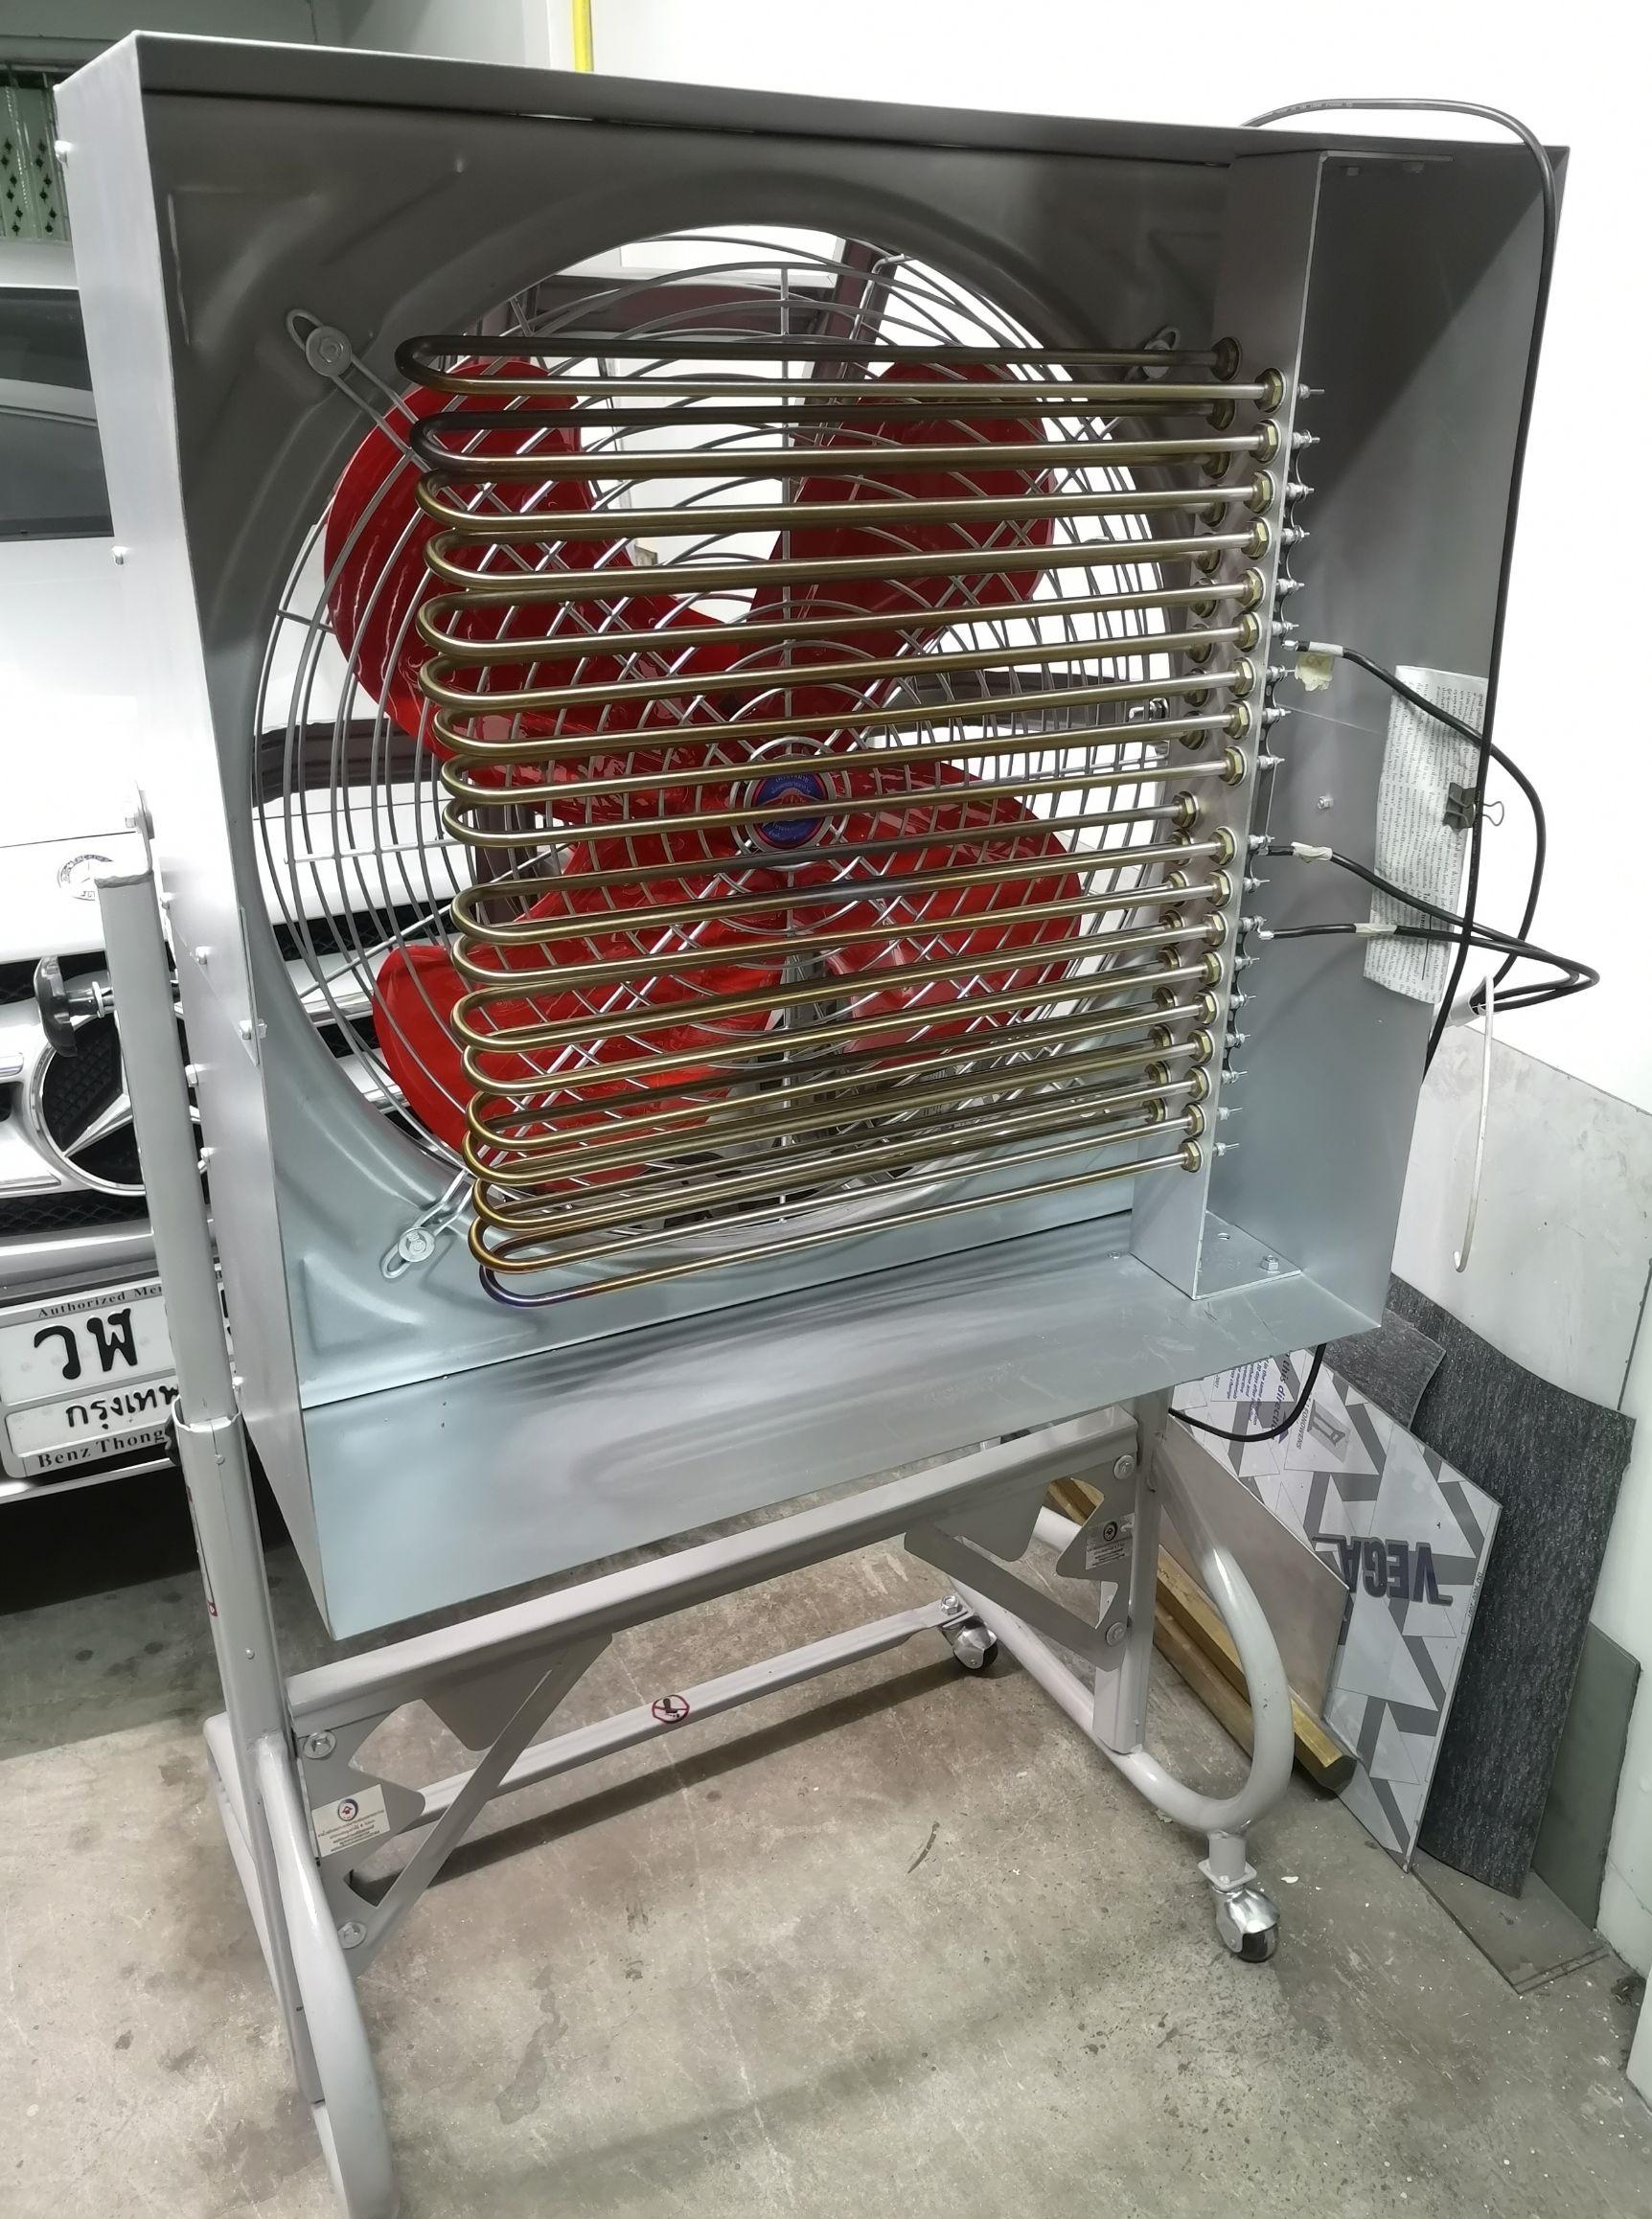 ฮีตเตอร์ลมร้อน 36000 watt